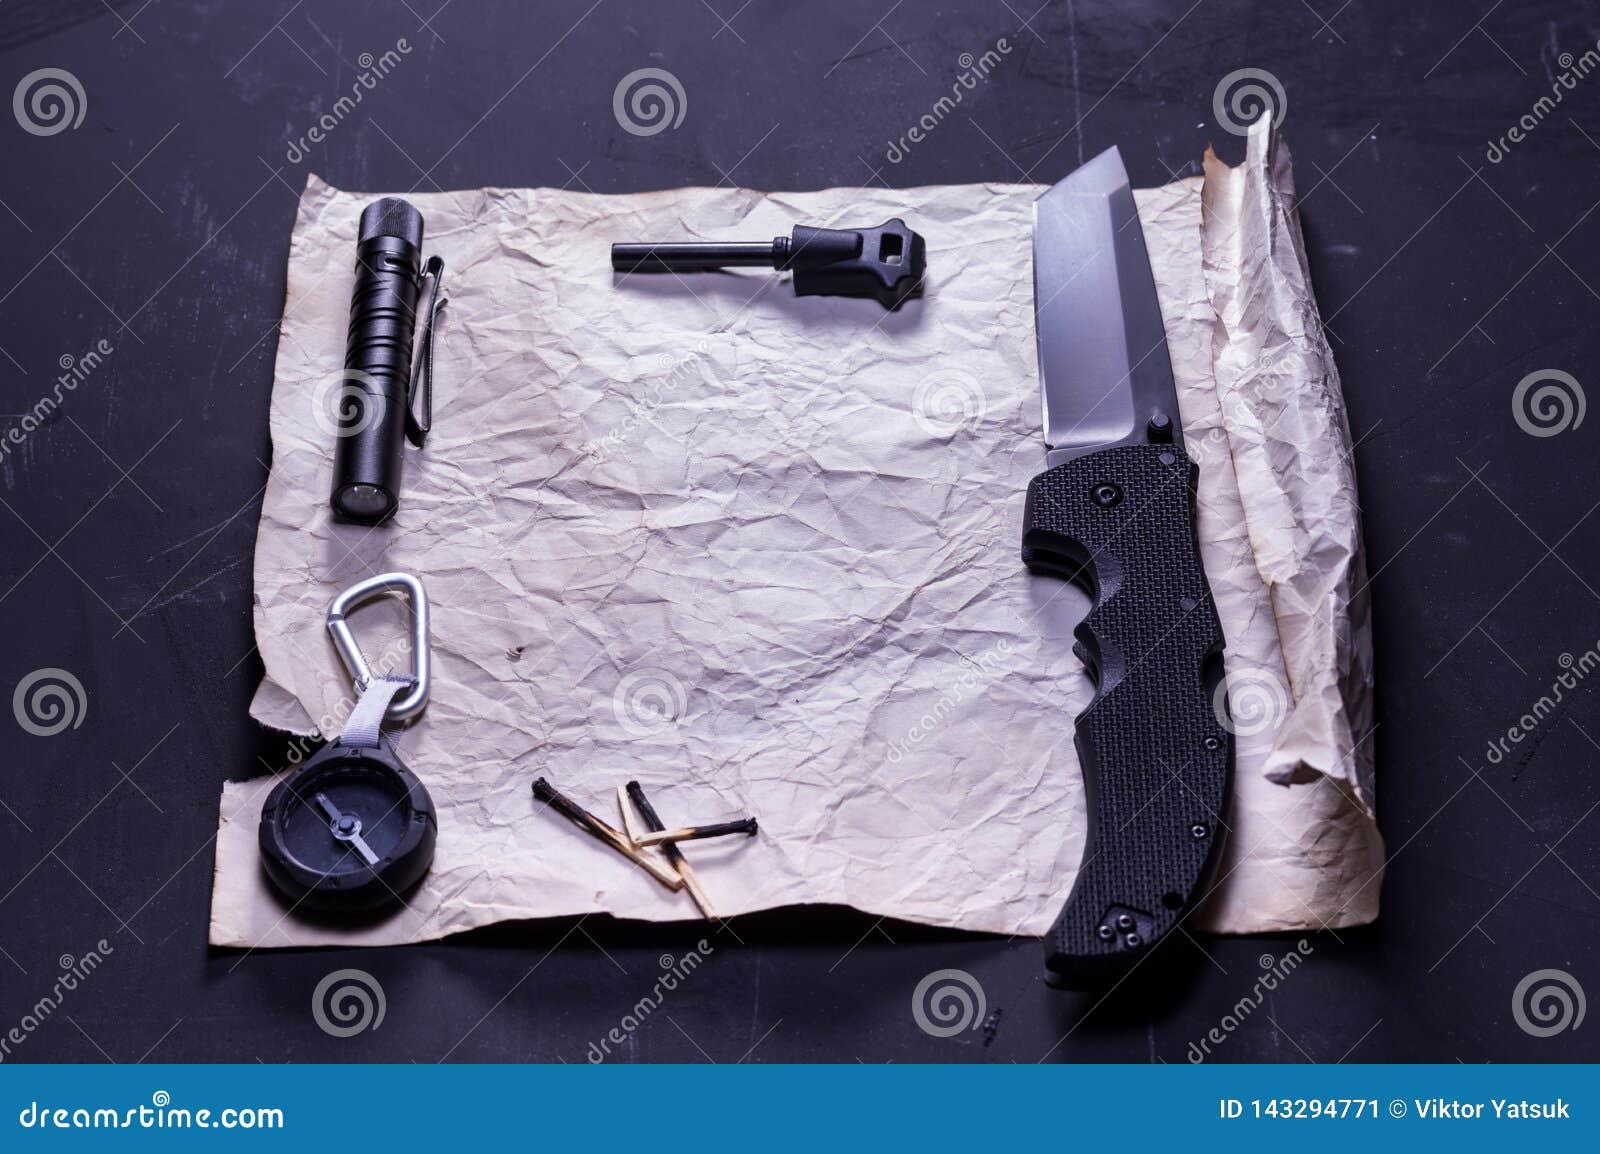 Quadro do Livro Branco no fundo preto Coisas caçador e turista perto da letra